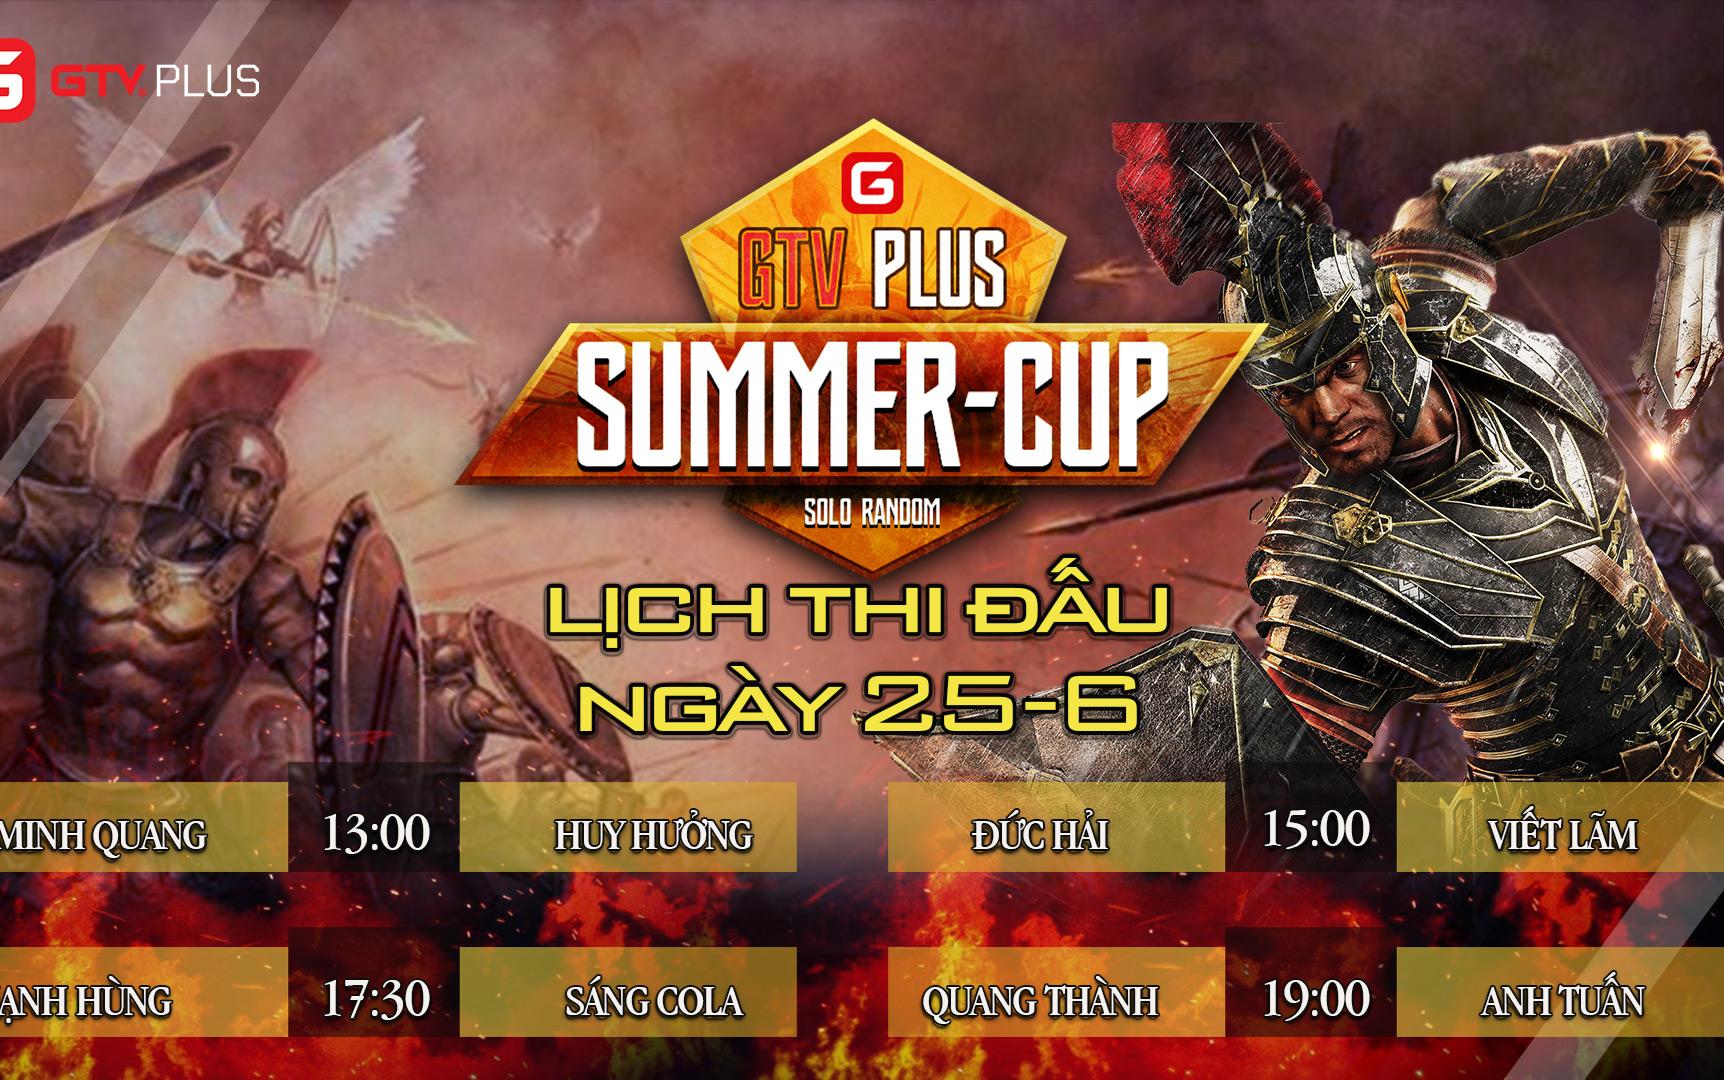 Lịch thi đấu ngày thi đấu ngày 25 tháng 6 Giải đấu AOE SUMMER CUP 2021